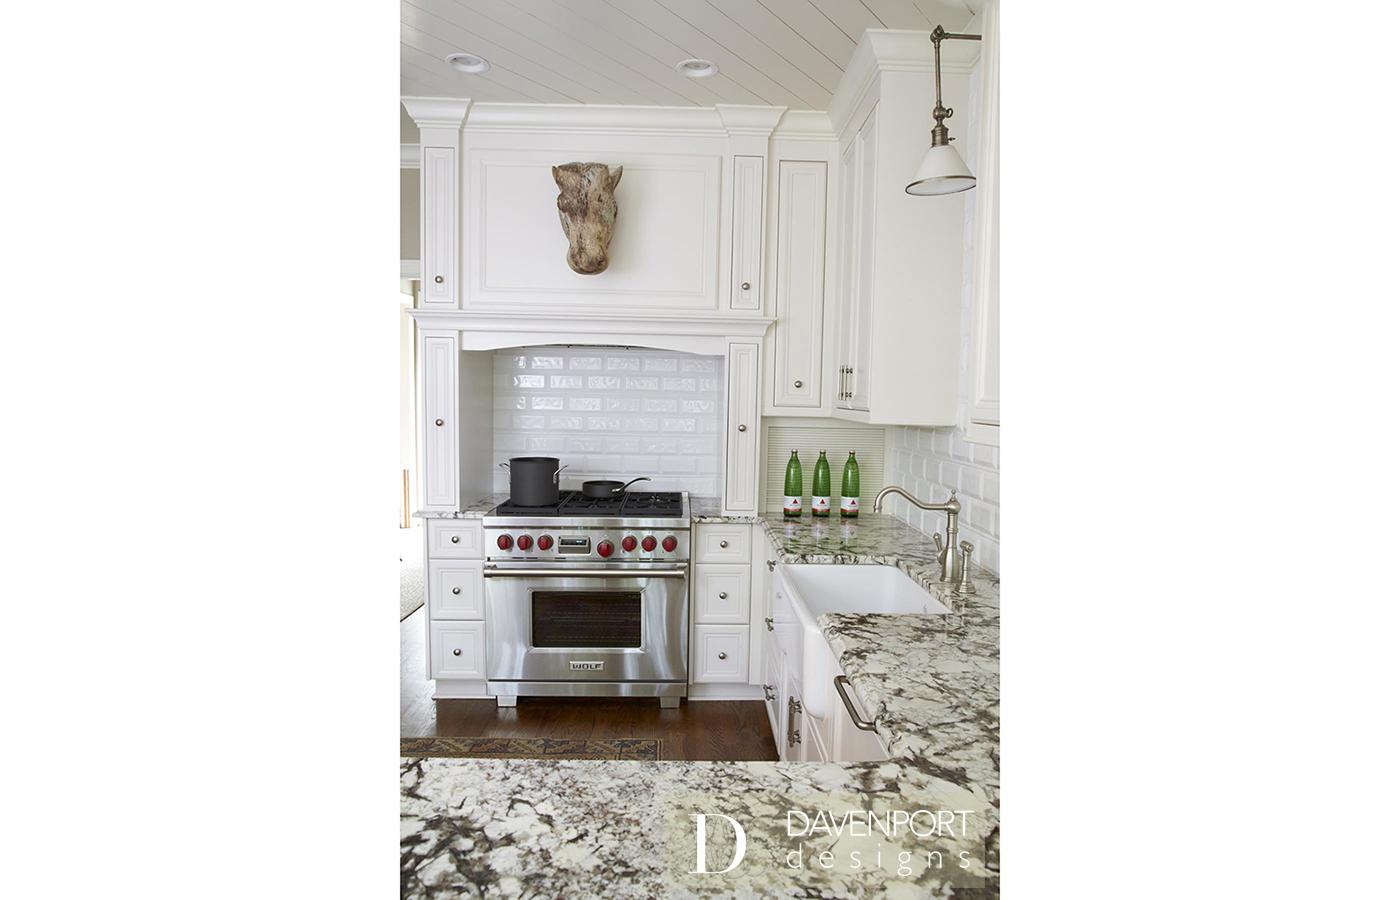 Davenport2012_Kitchen2.jpg